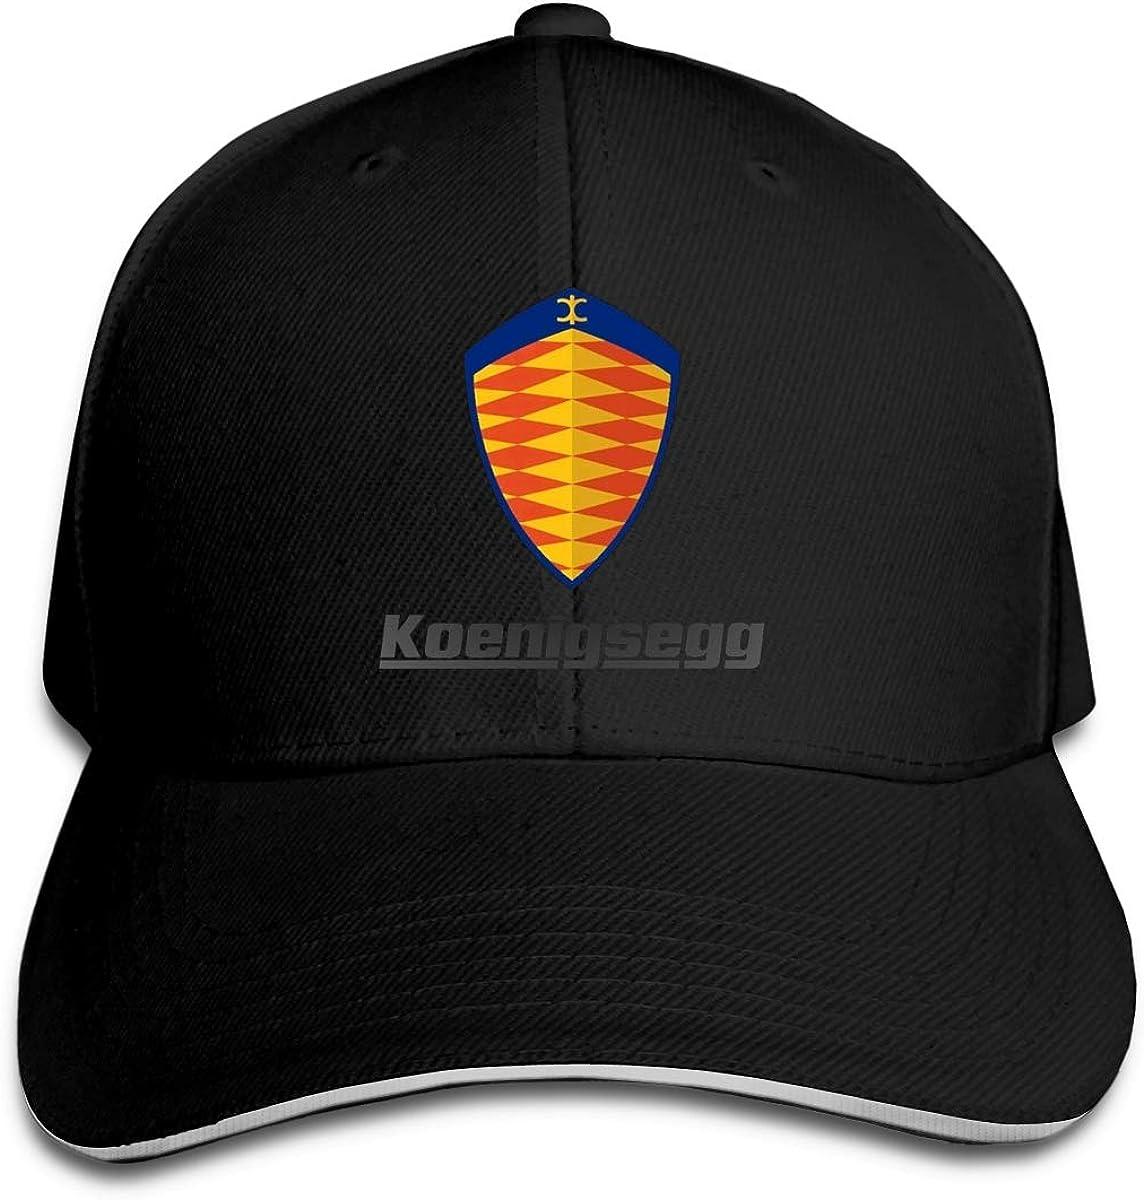 Koenigsegg Casquette de baseball en polyester Unisexe Toutes les saisons sont confortables et respirantes